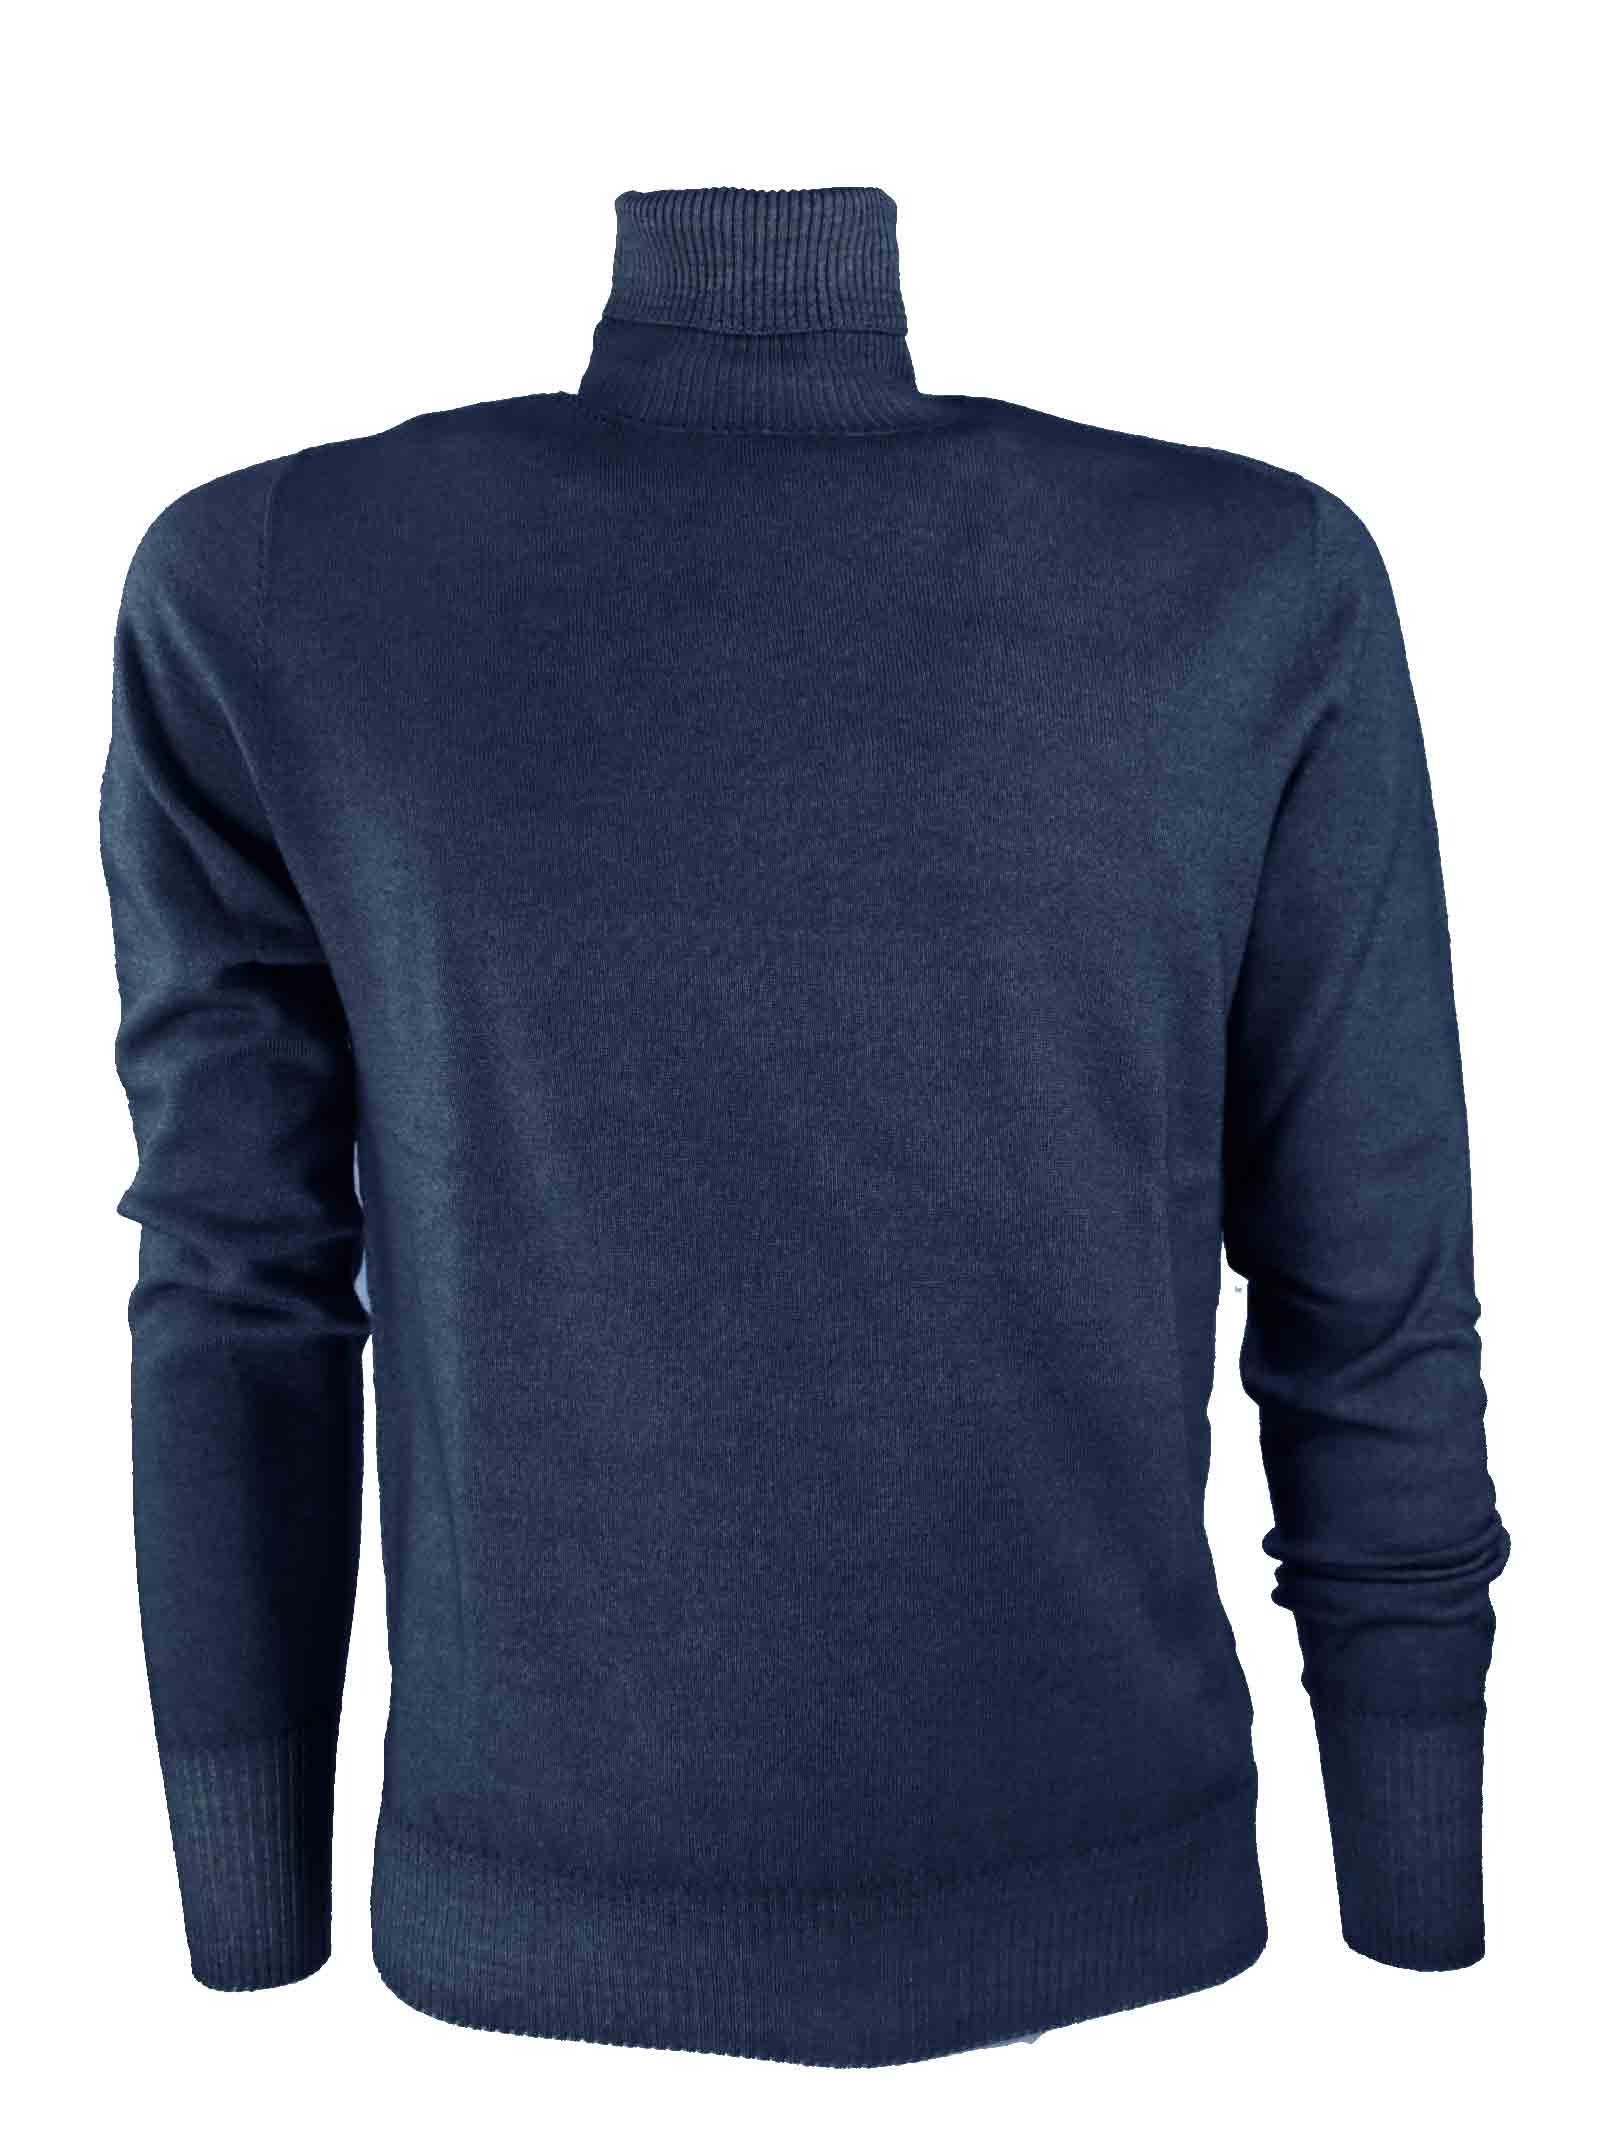 MERINO SWEATER H953 | Knitwear | 294989